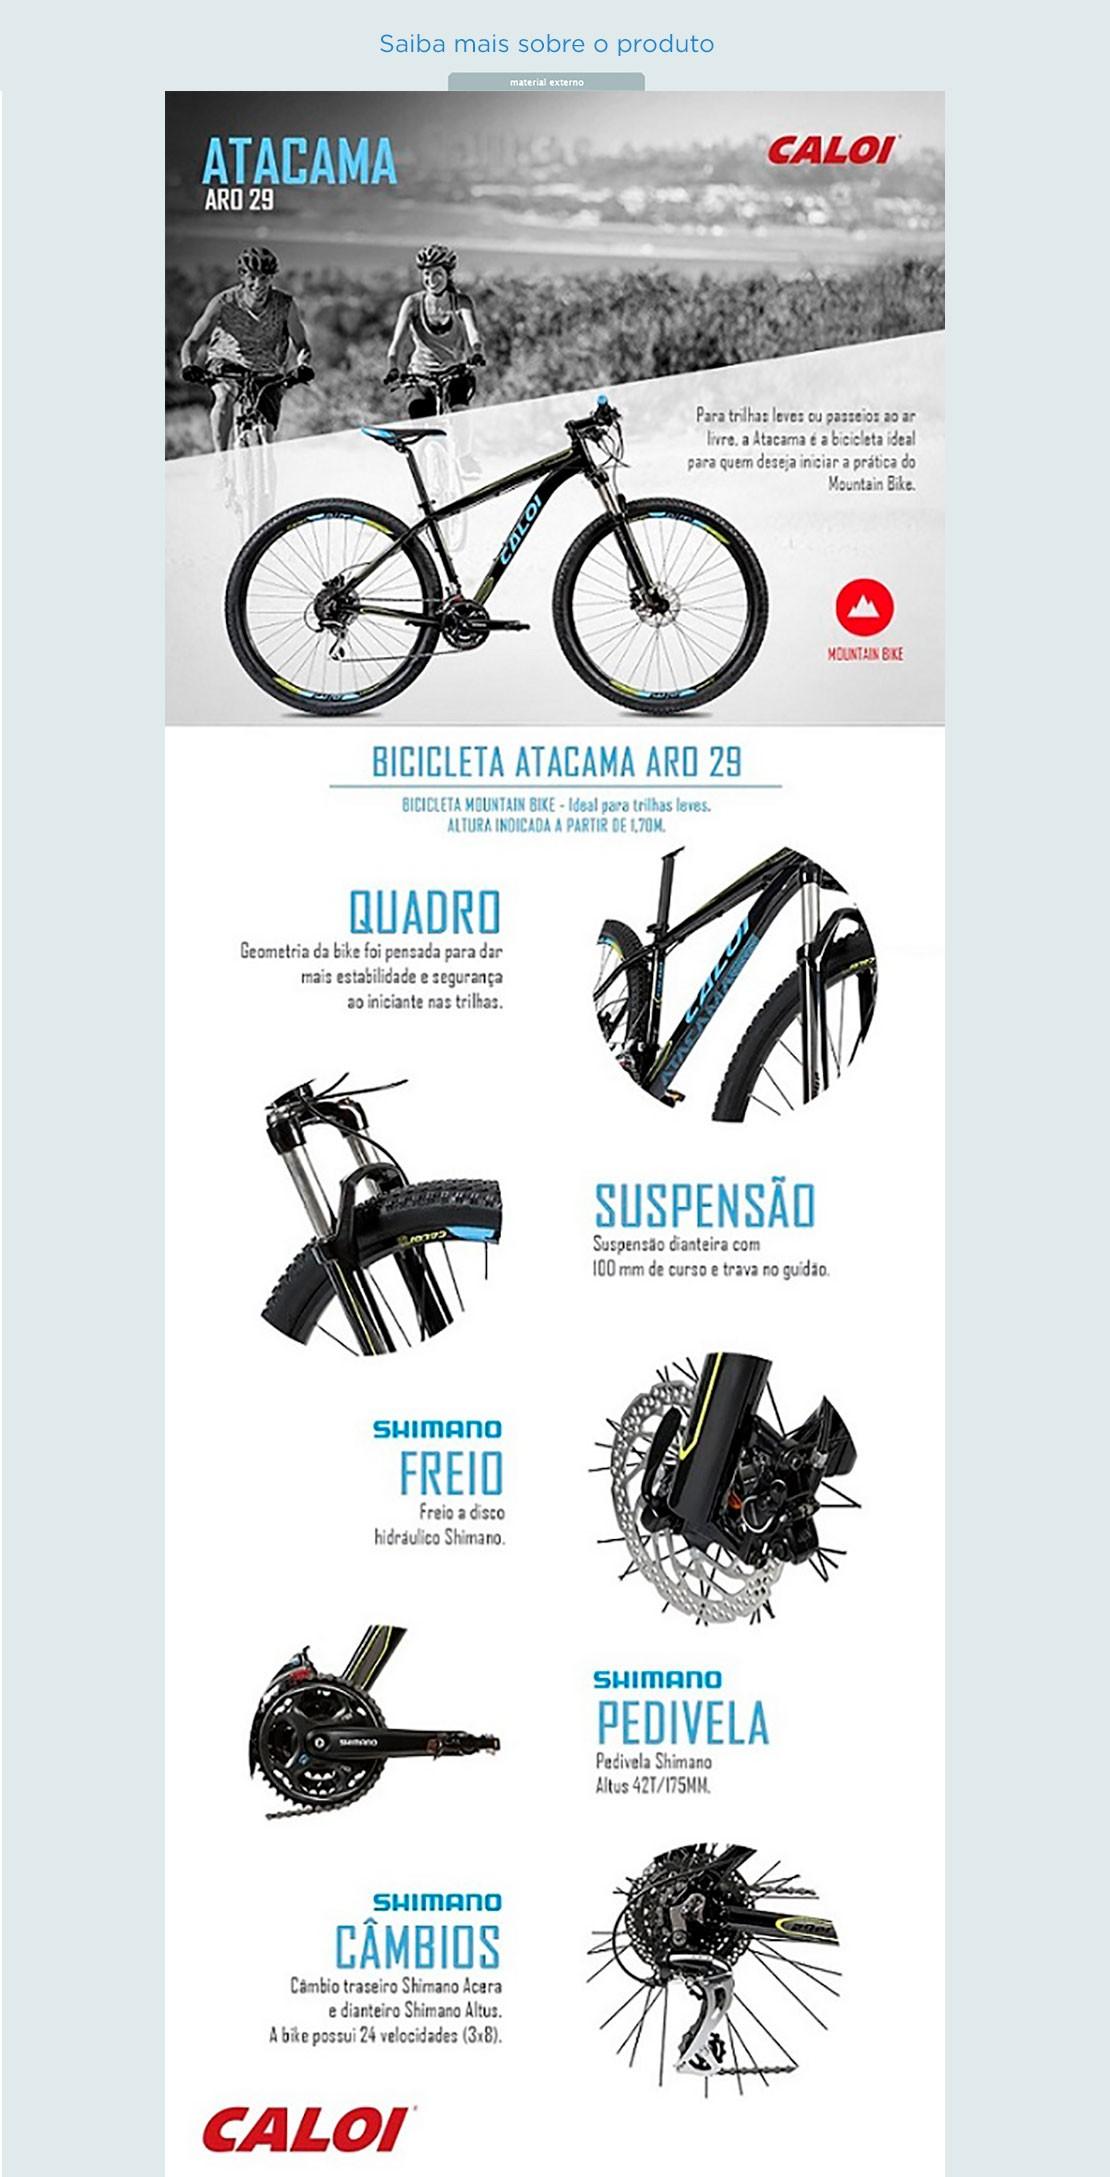 a961b0f10 Bicicleta Caloi Atacama Aro29 24 Marchas Suspensão - Dianteira Câmbio  Shimano Quadro de Alumínio